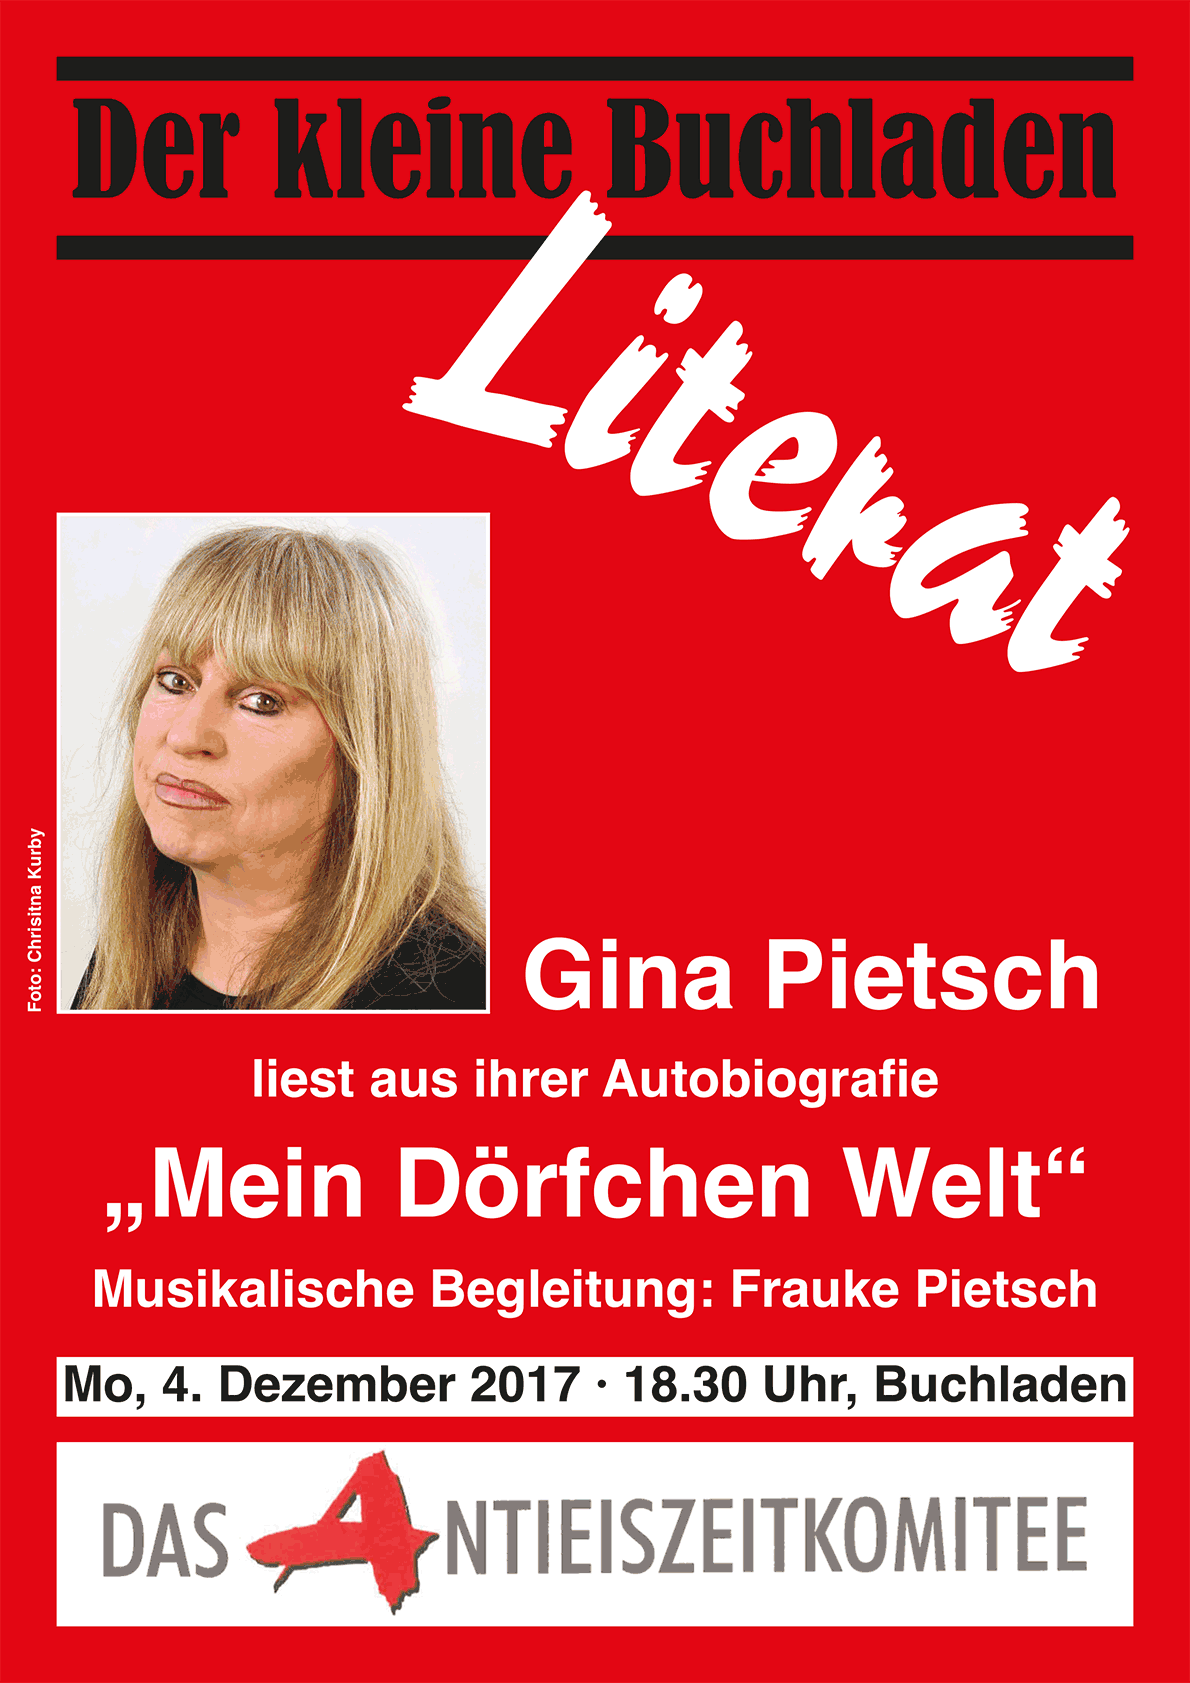 LITERAT am 4. Dez 17 mit Gina Pietsch